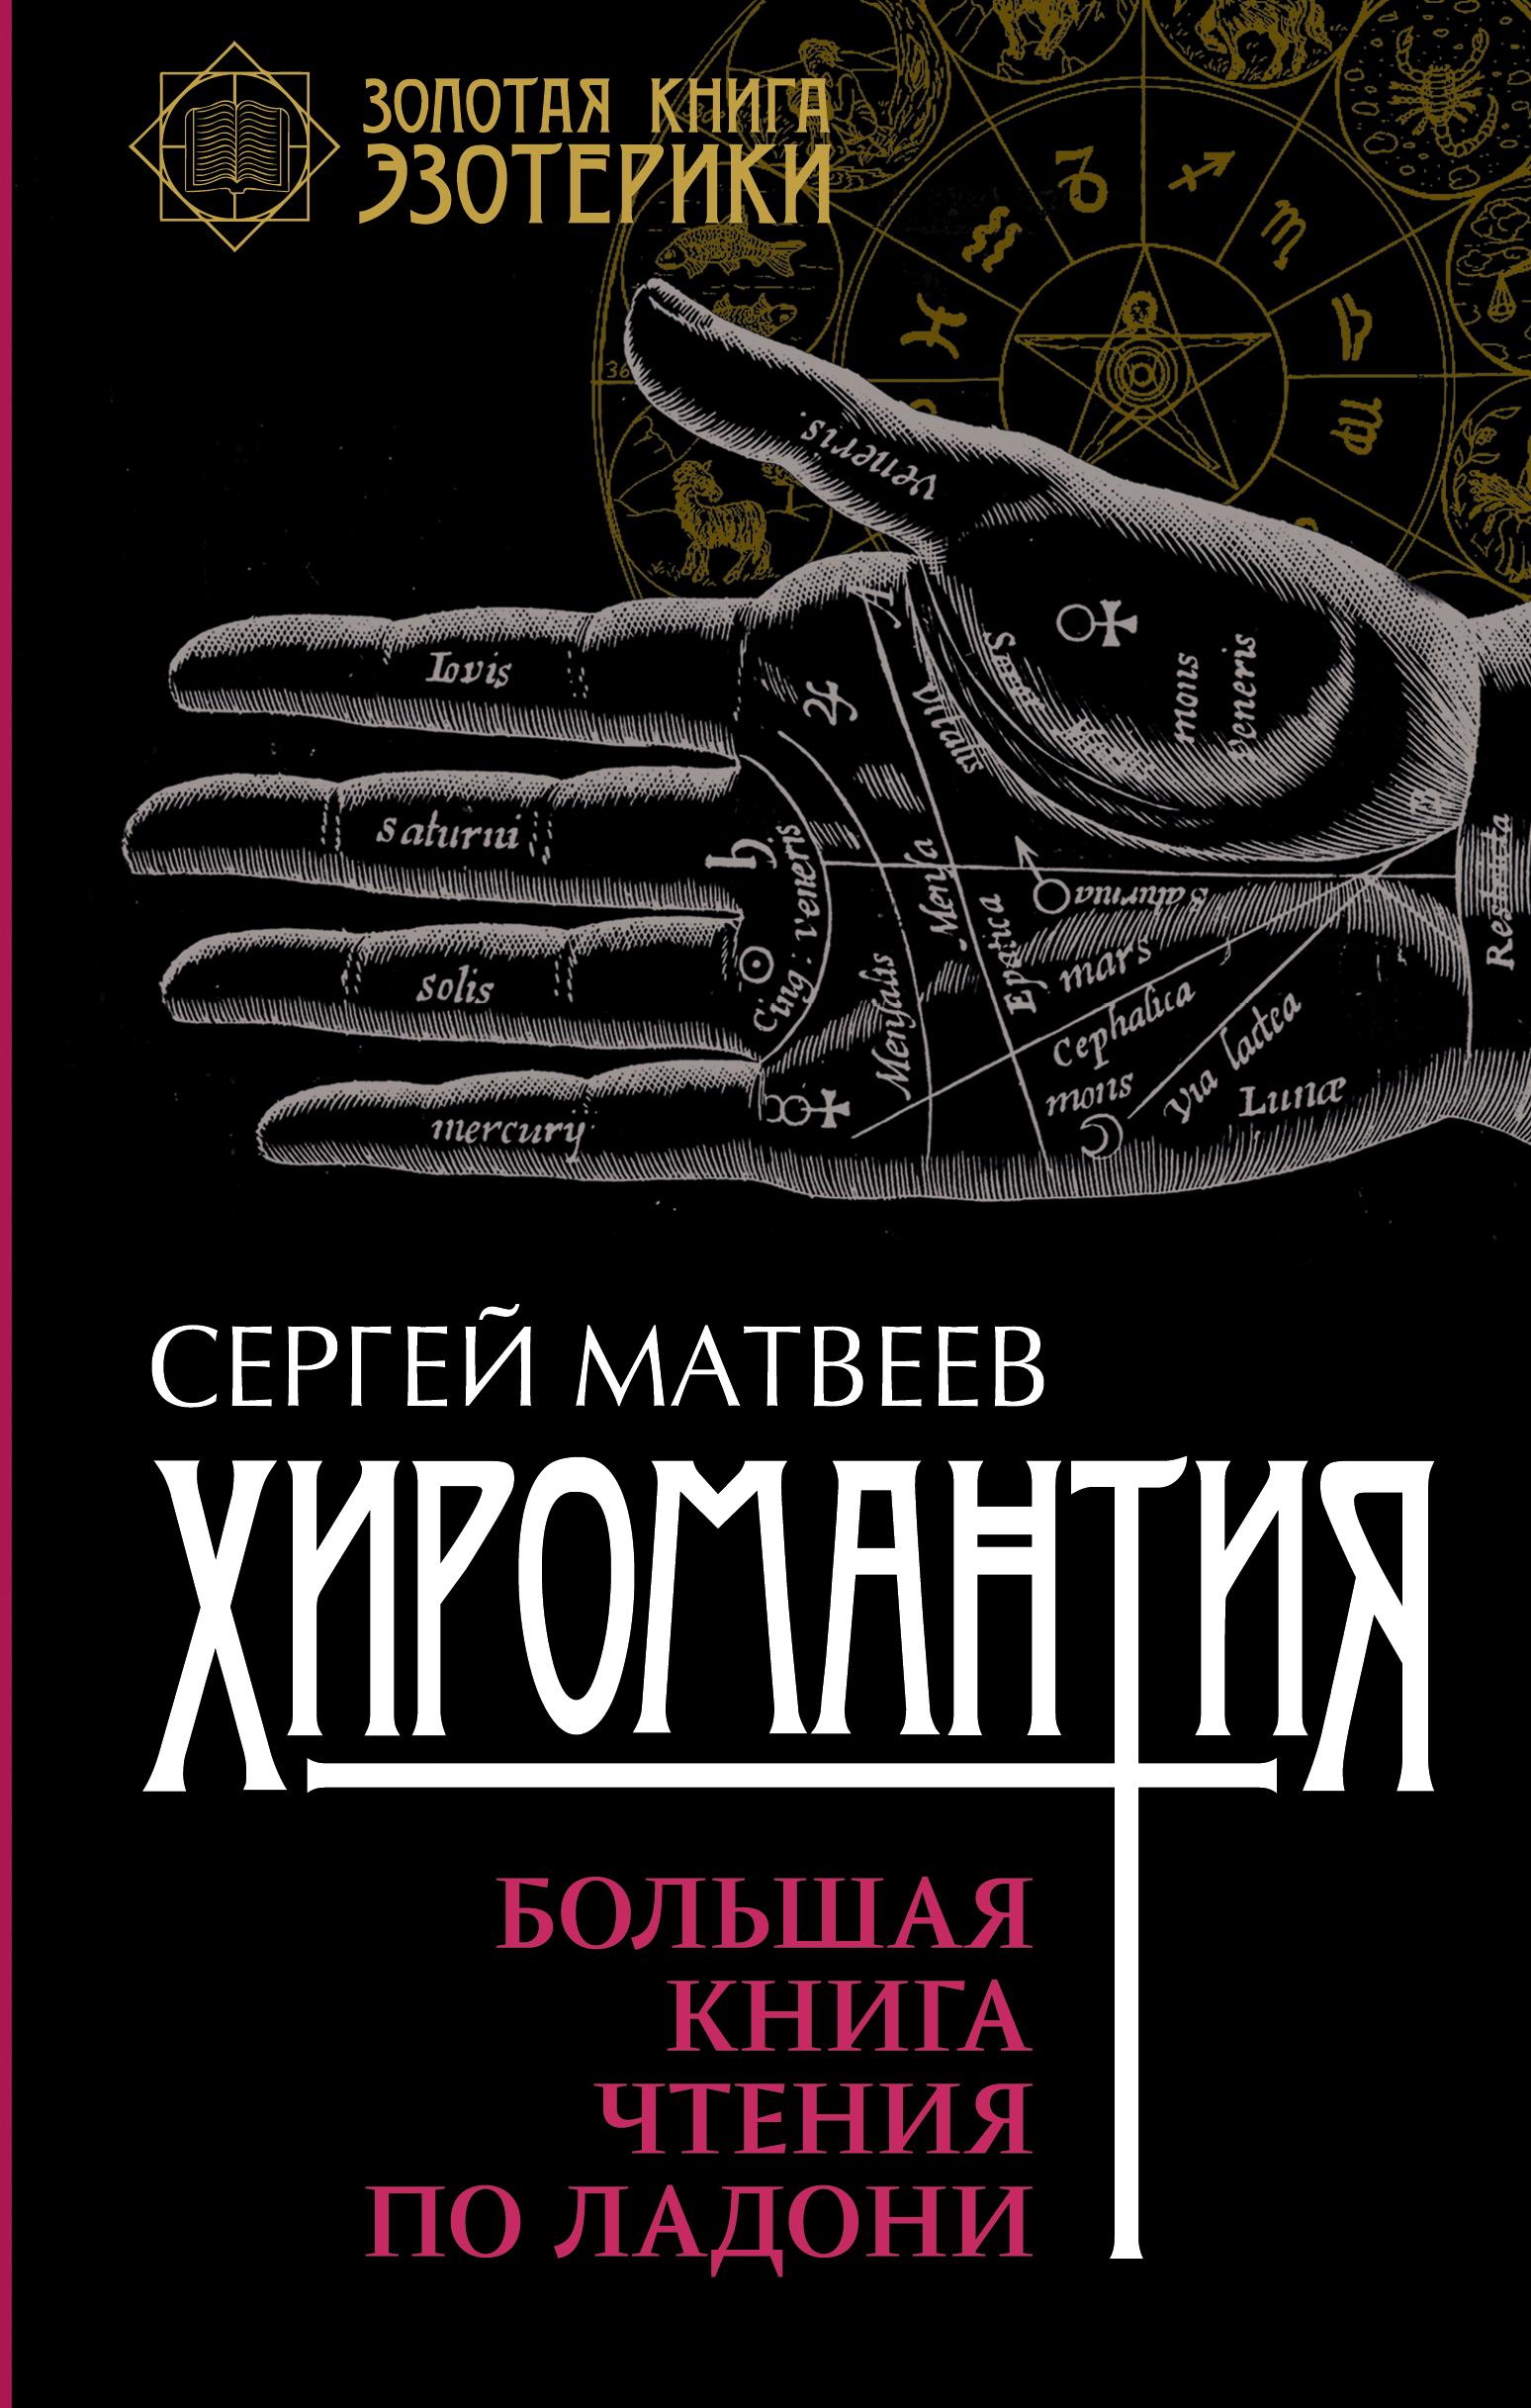 Сергей Матвеев Хиромантия. Большая книга чтения по ладони